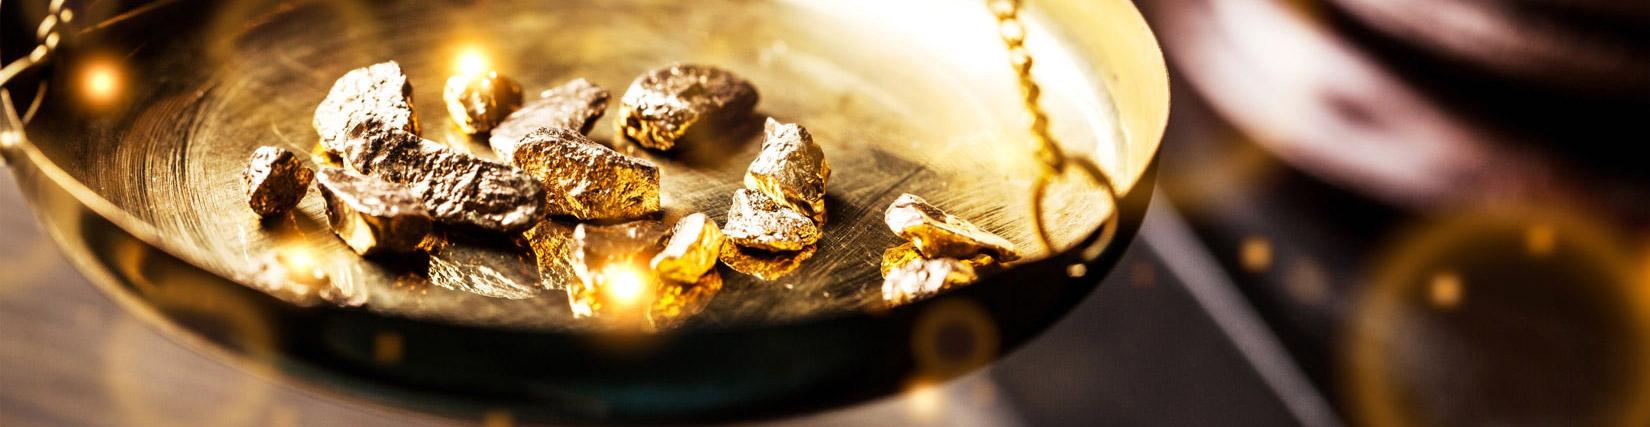 köpa-guld-guldsmed